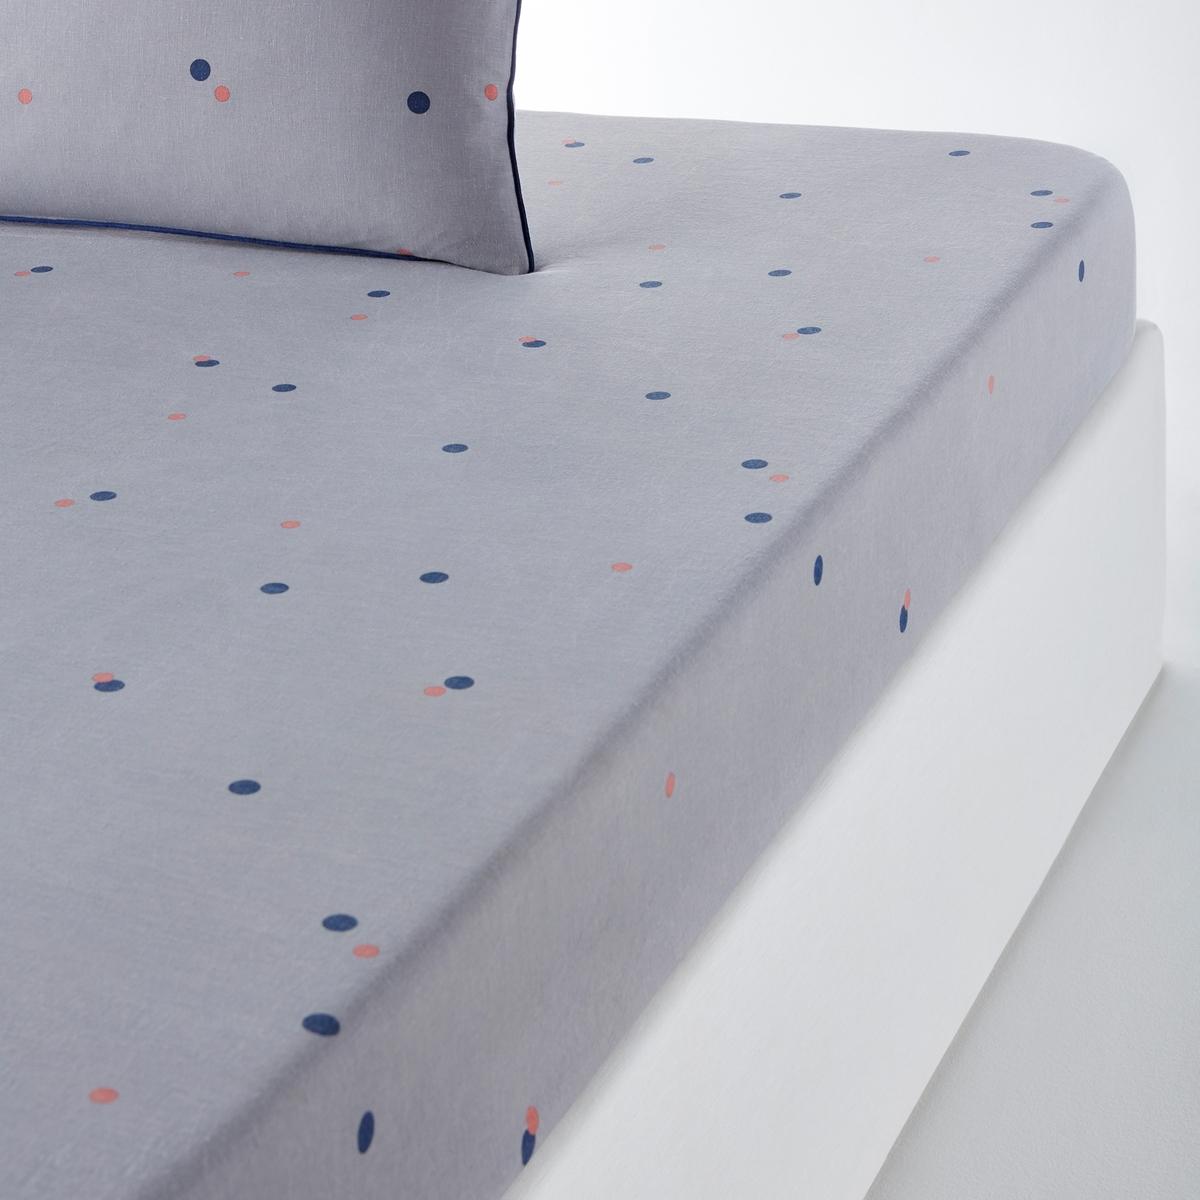 Простыня натяжная с рисунком из льна и хлопка AYANNAНатяжная простыня с рисунком из льна и хлопка Ayanna.Утонченное постельное белье в современном стиле.Аутентичная смесовая ткань соединяет в себе лучшие качества 2 материалов:Лен обеспечивает комфорт и прочность с течением времени. Хлопок - мягкость.Легкая в уходе смесовая ткань с естественным жатым эффектом. Характеристики натяжной простыни с рисунком из льна и хлопка Ayanna   :60 % льна, 40 % хлопка.Рисунок в горошек.- Эластичные уголки.- Стирка при 40° Не требует глажки.    . Весь комплект постельного белья Ayanna Вы найдете на laredoute.ru.На протяжении всего года добавьте индивидуальность вашему интерьеру, сочетая коллекцию Ayanna с нашей коллекцией однотонного постельного белья из хлопка и льна. Знак Oeko-Tex® гарантирует, что товары прошли проверку и были изготовлены без применения вредных для здоровья человека веществ. Размеры :90 x 190 см : 1-сп.140 x 190 см : 2-сп.160 x 200 см : 2-сп.180 x 200 см : 2-сп.<br><br>Цвет: рисунок/серый